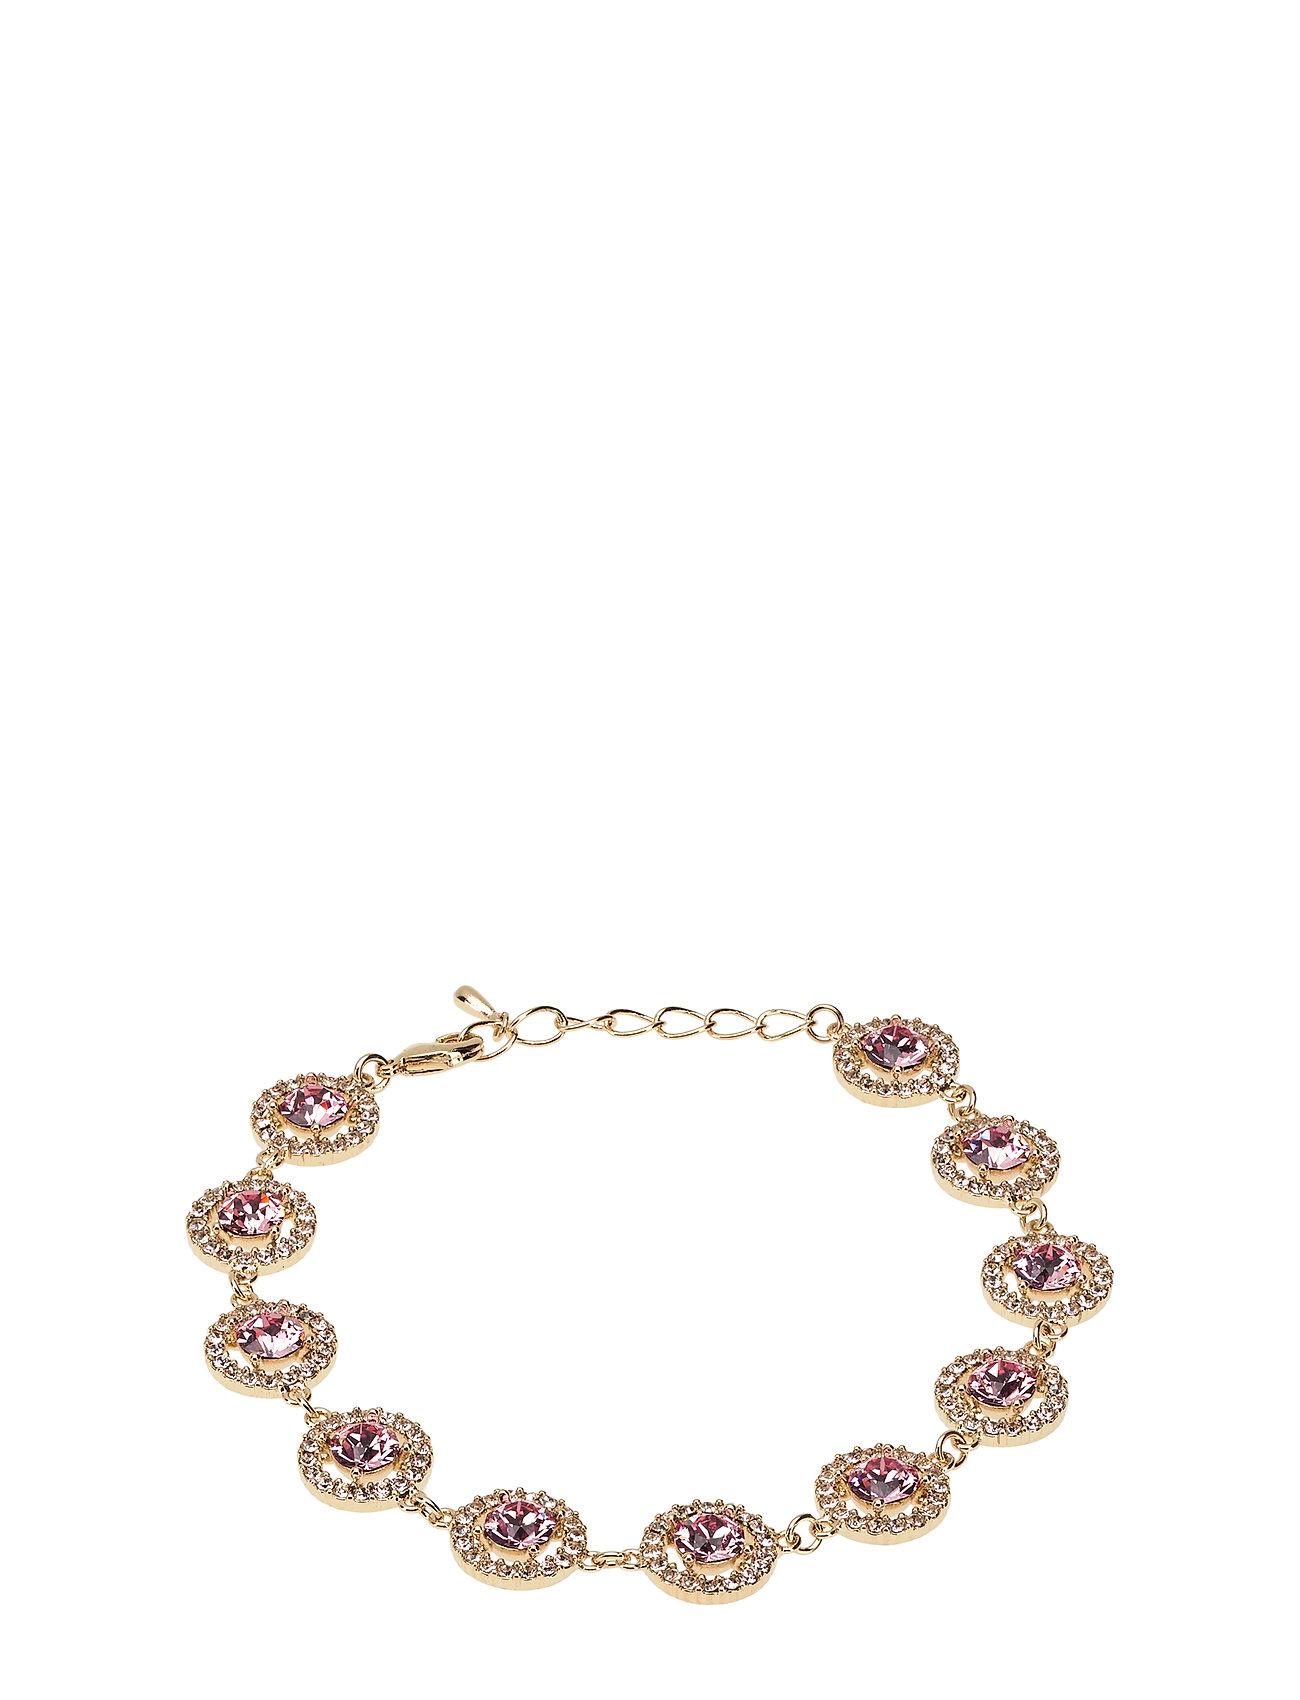 Image of Miranda Bracelet - Light Rose Accessories Jewellery Bracelets Chain Bracelets Lyserød LILY AND ROSE (3309710727)